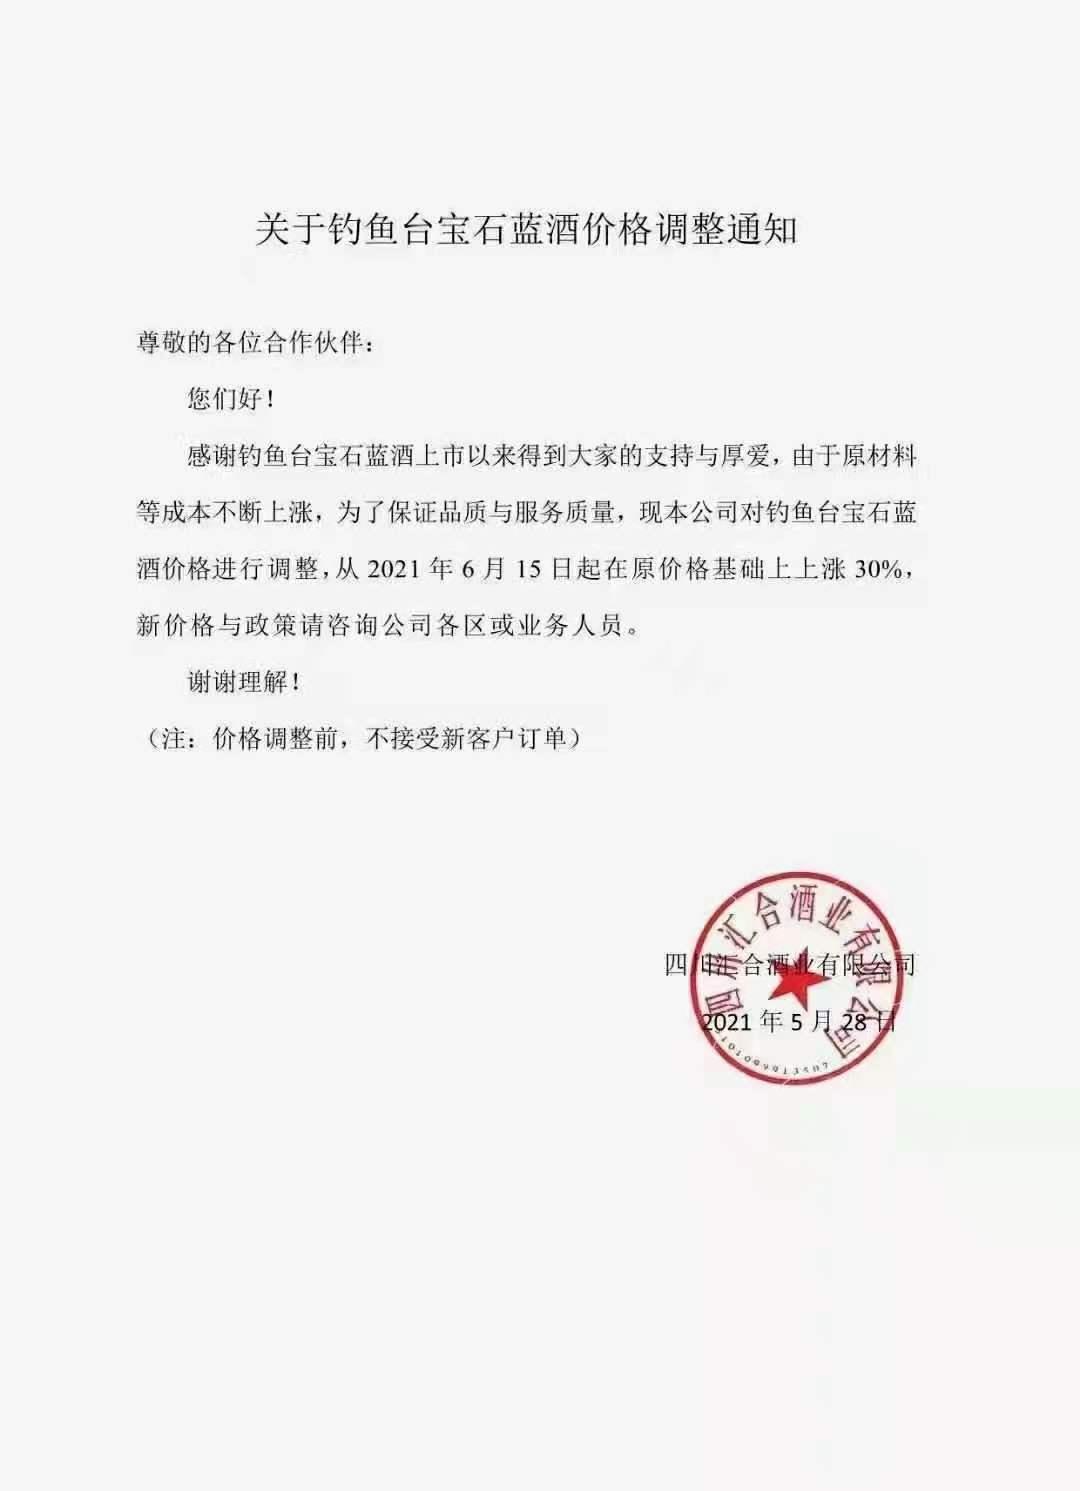 6月1日起,钓鱼台多款产品宣布调价